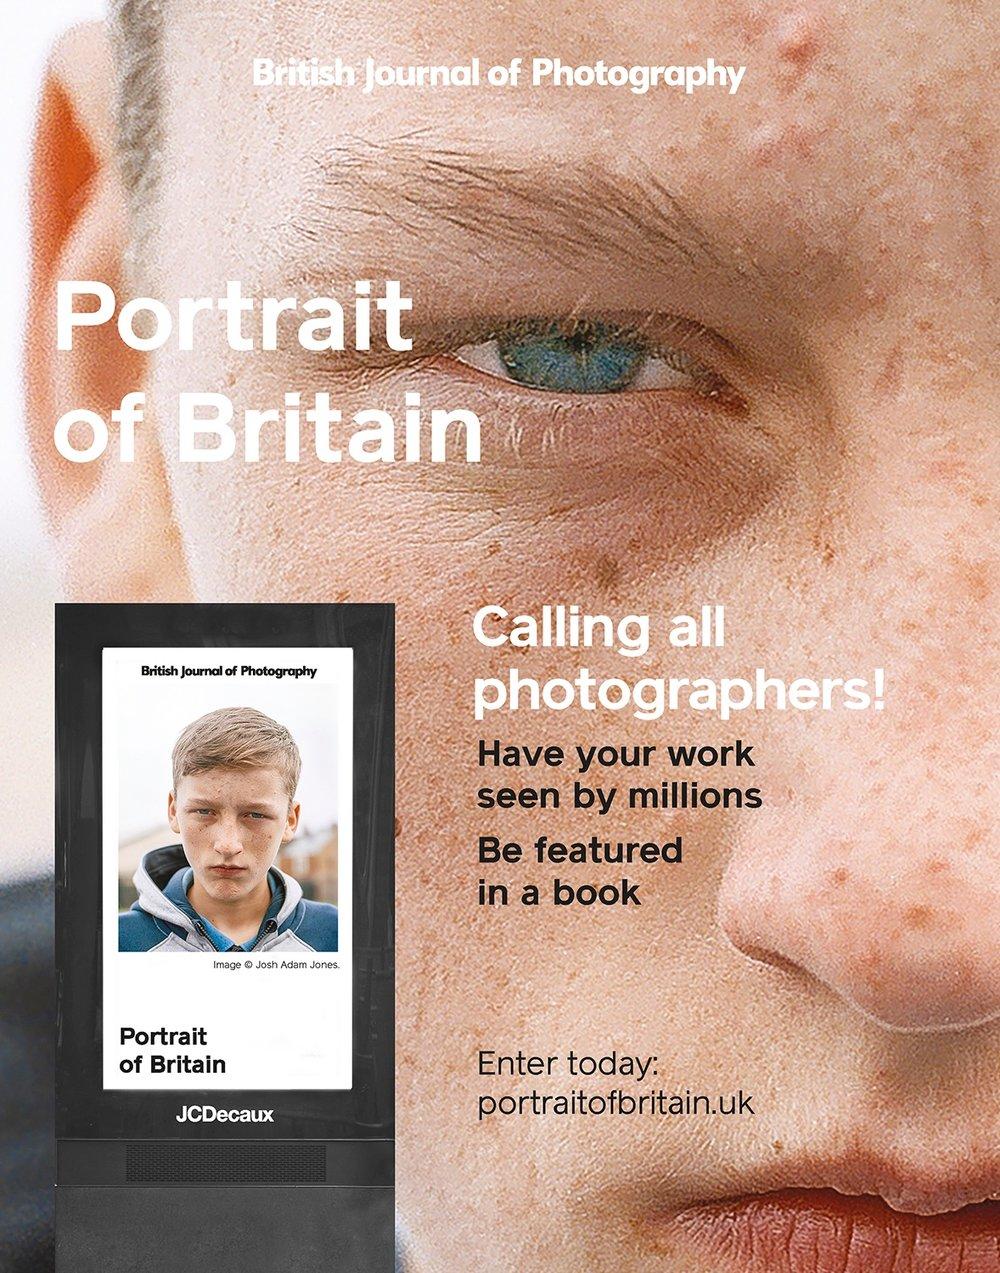 BJP Portrait of Britain advert.  April 2018 print edition.